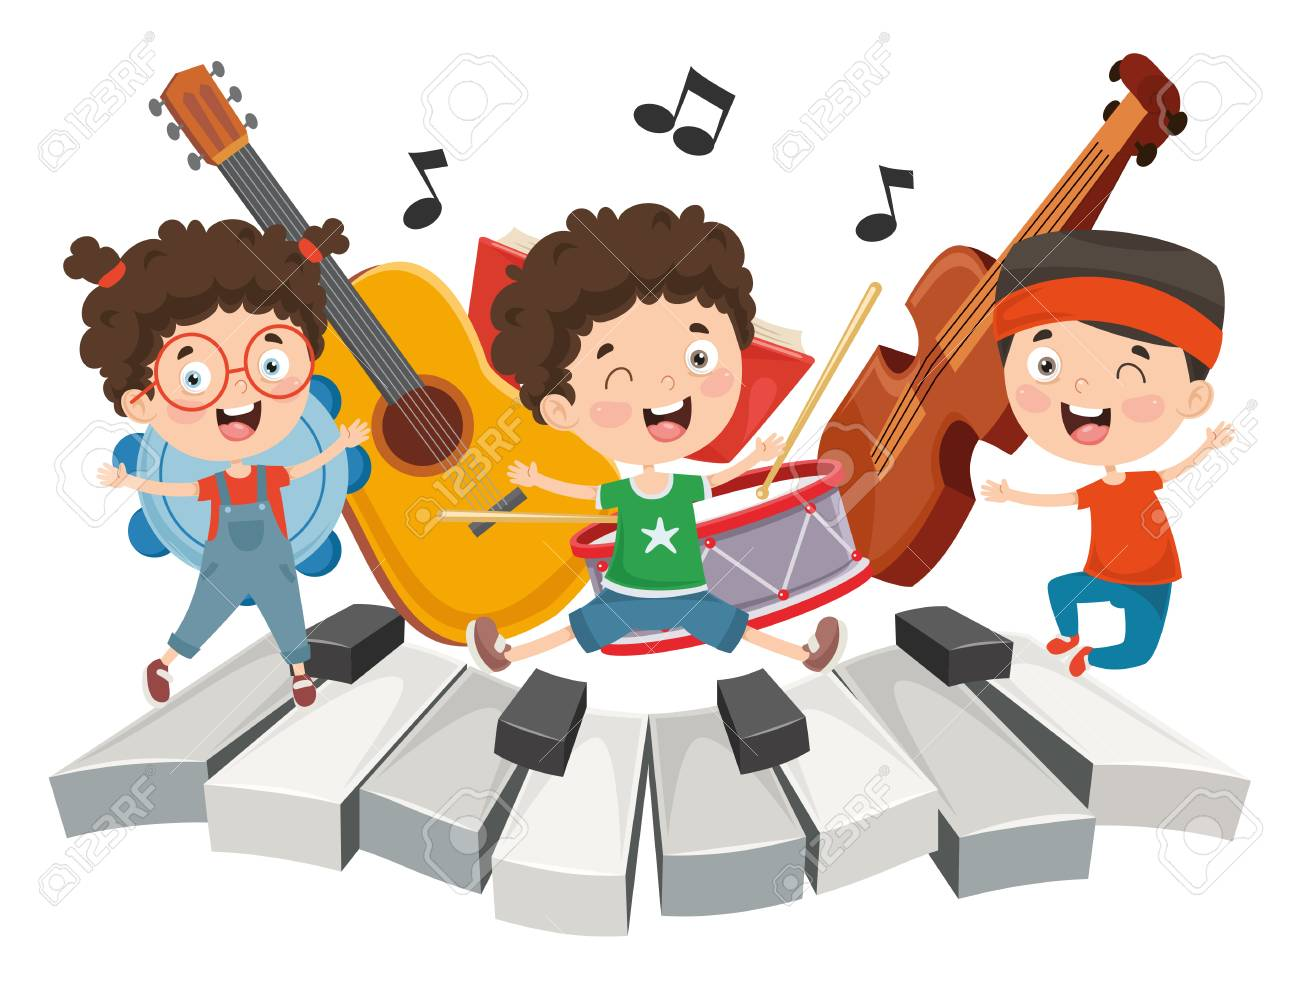 Vector Illustration Of Children Music - 114680734